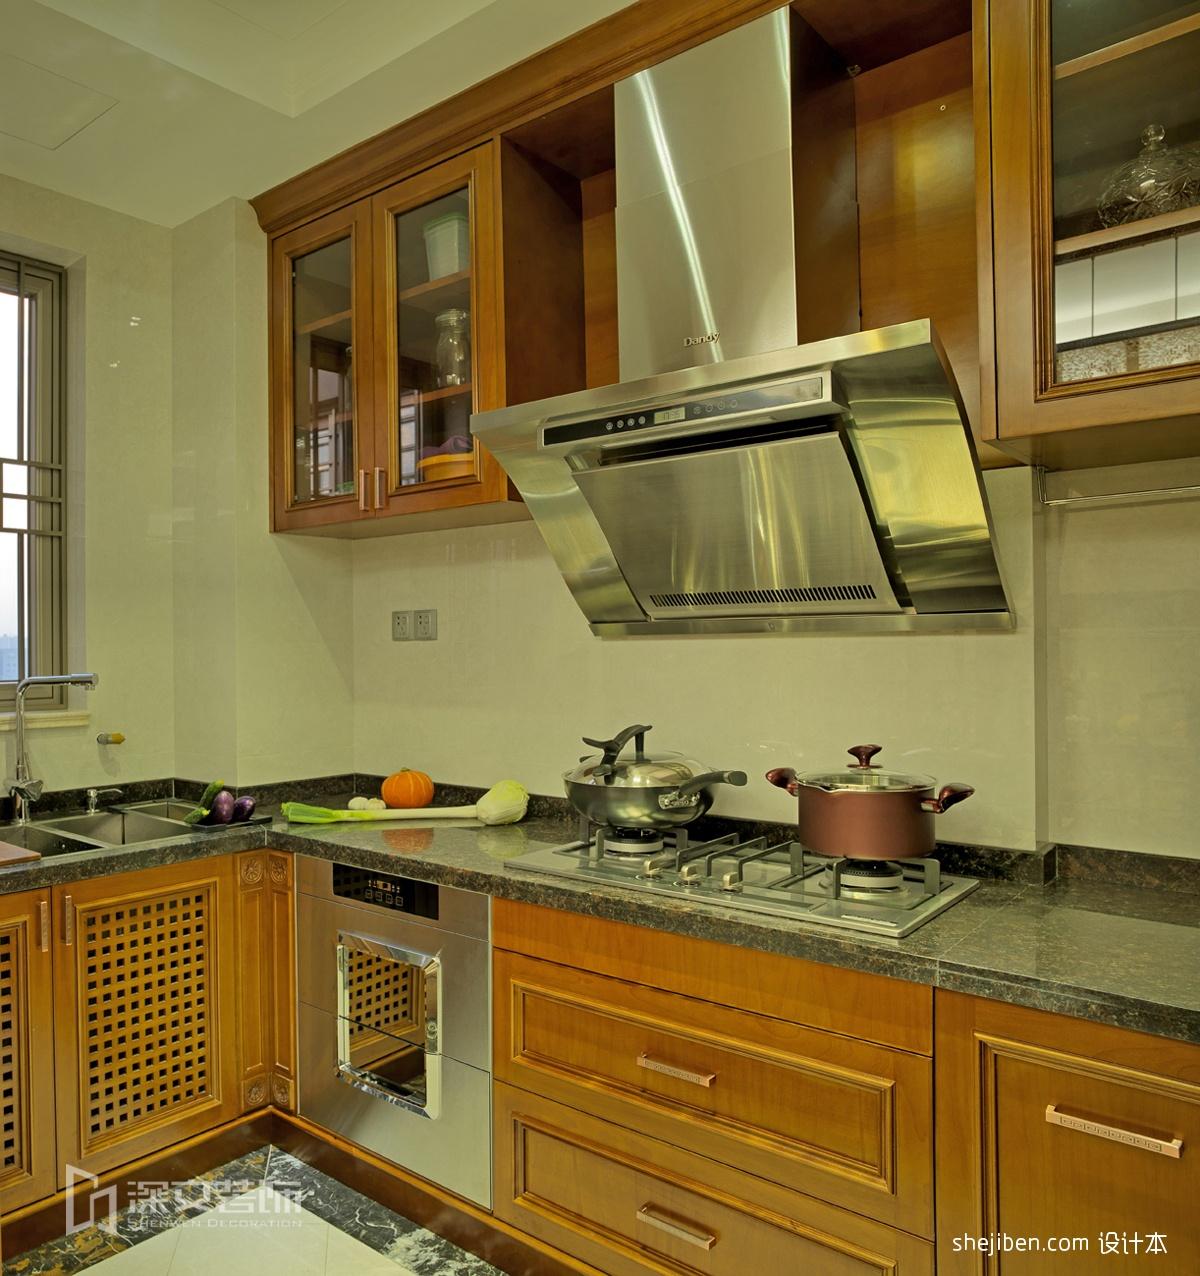 欧式厨房地砖效果图_家庭棕黄色橱柜厨房地砖装修效果图 – 设计本装修效果图